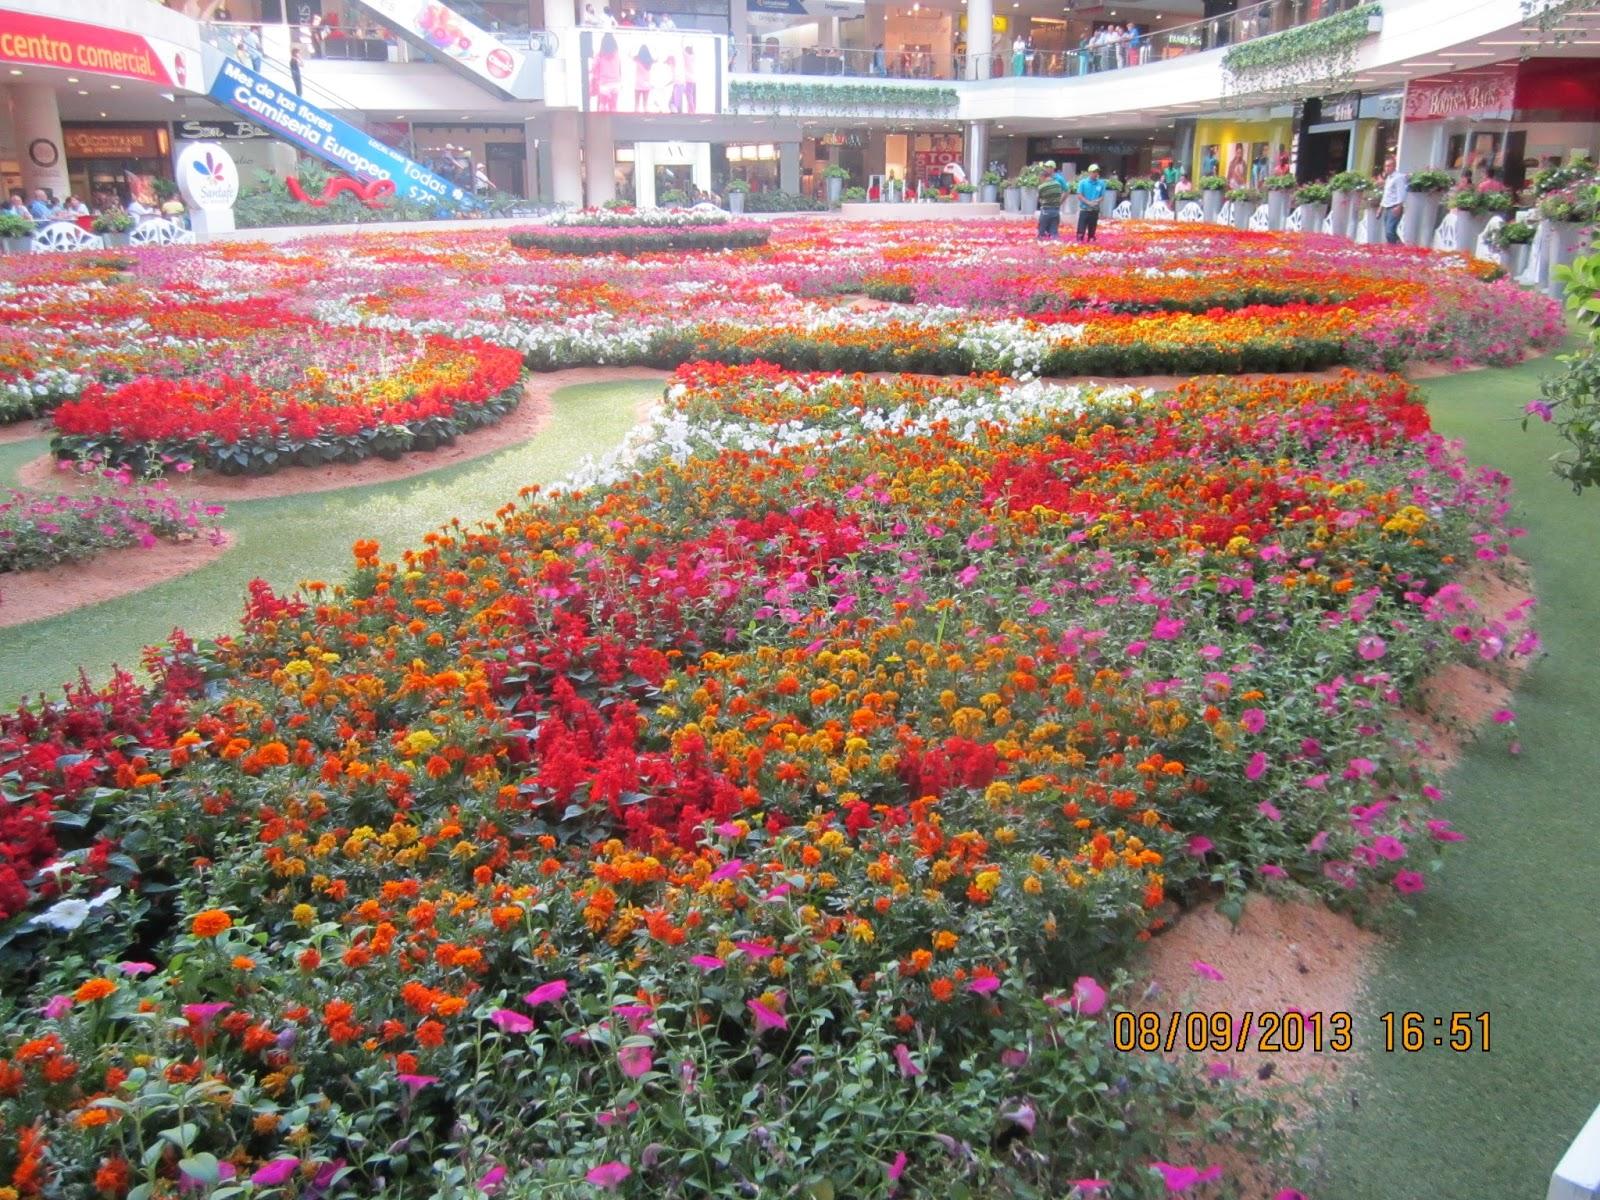 Noticias de Flores Colombianas:Información, fotos y notas